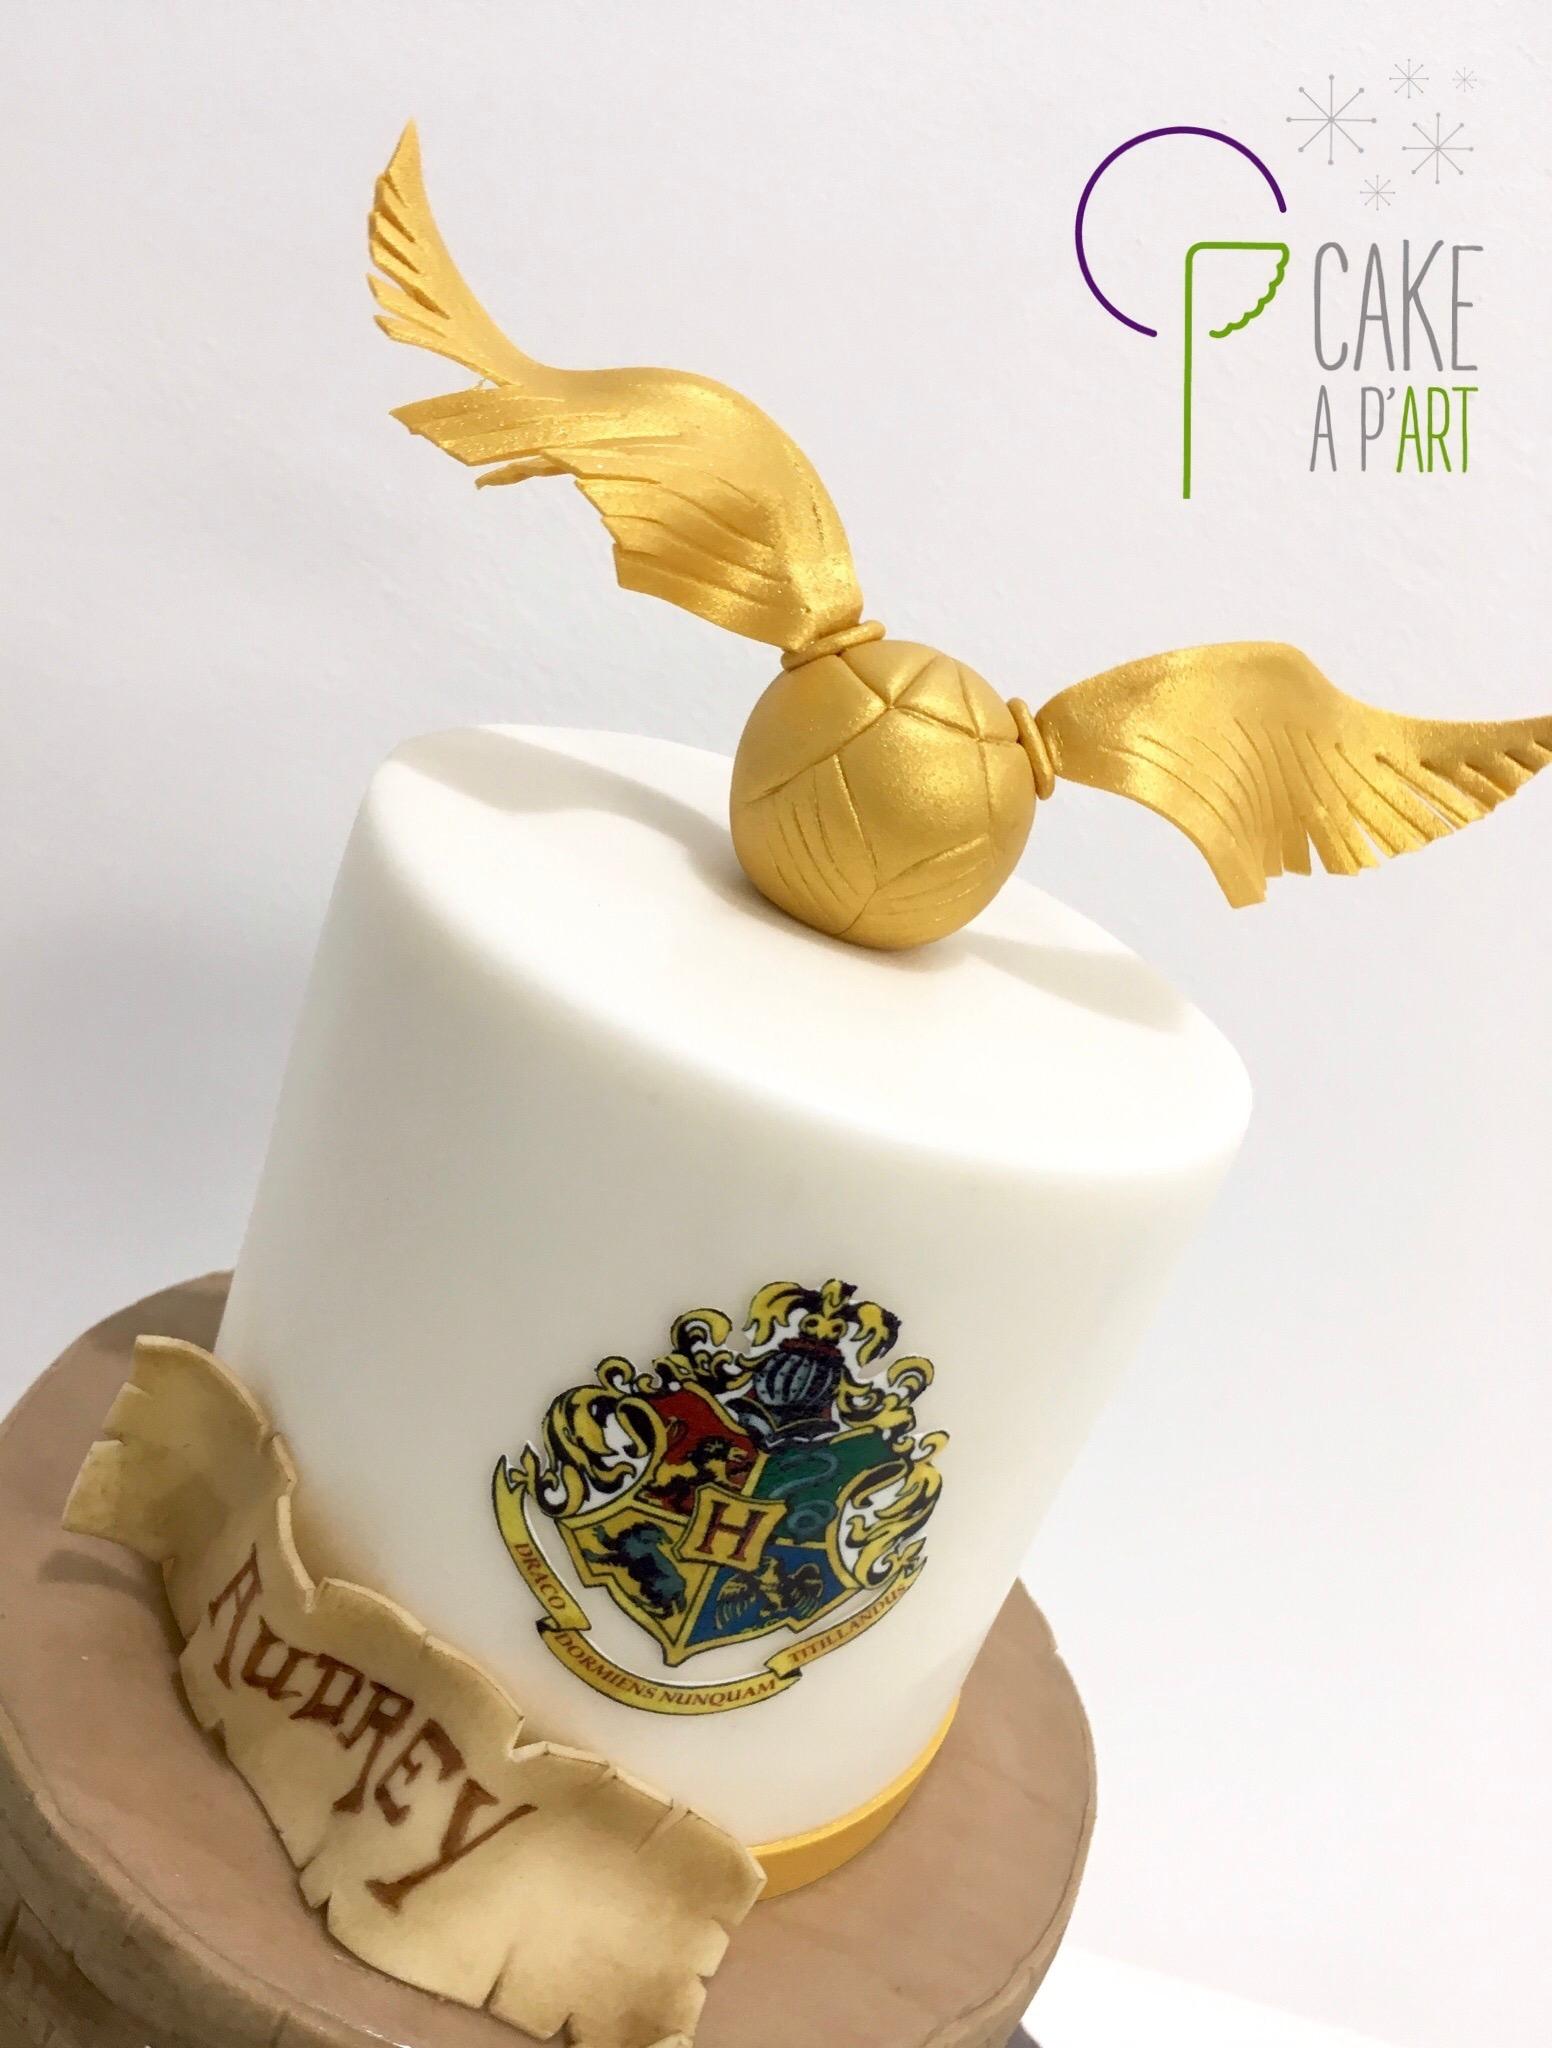 Décor modelage en sucre gâteaux personnalisés - Anniversaire Thème Harry Potter Vif d'or